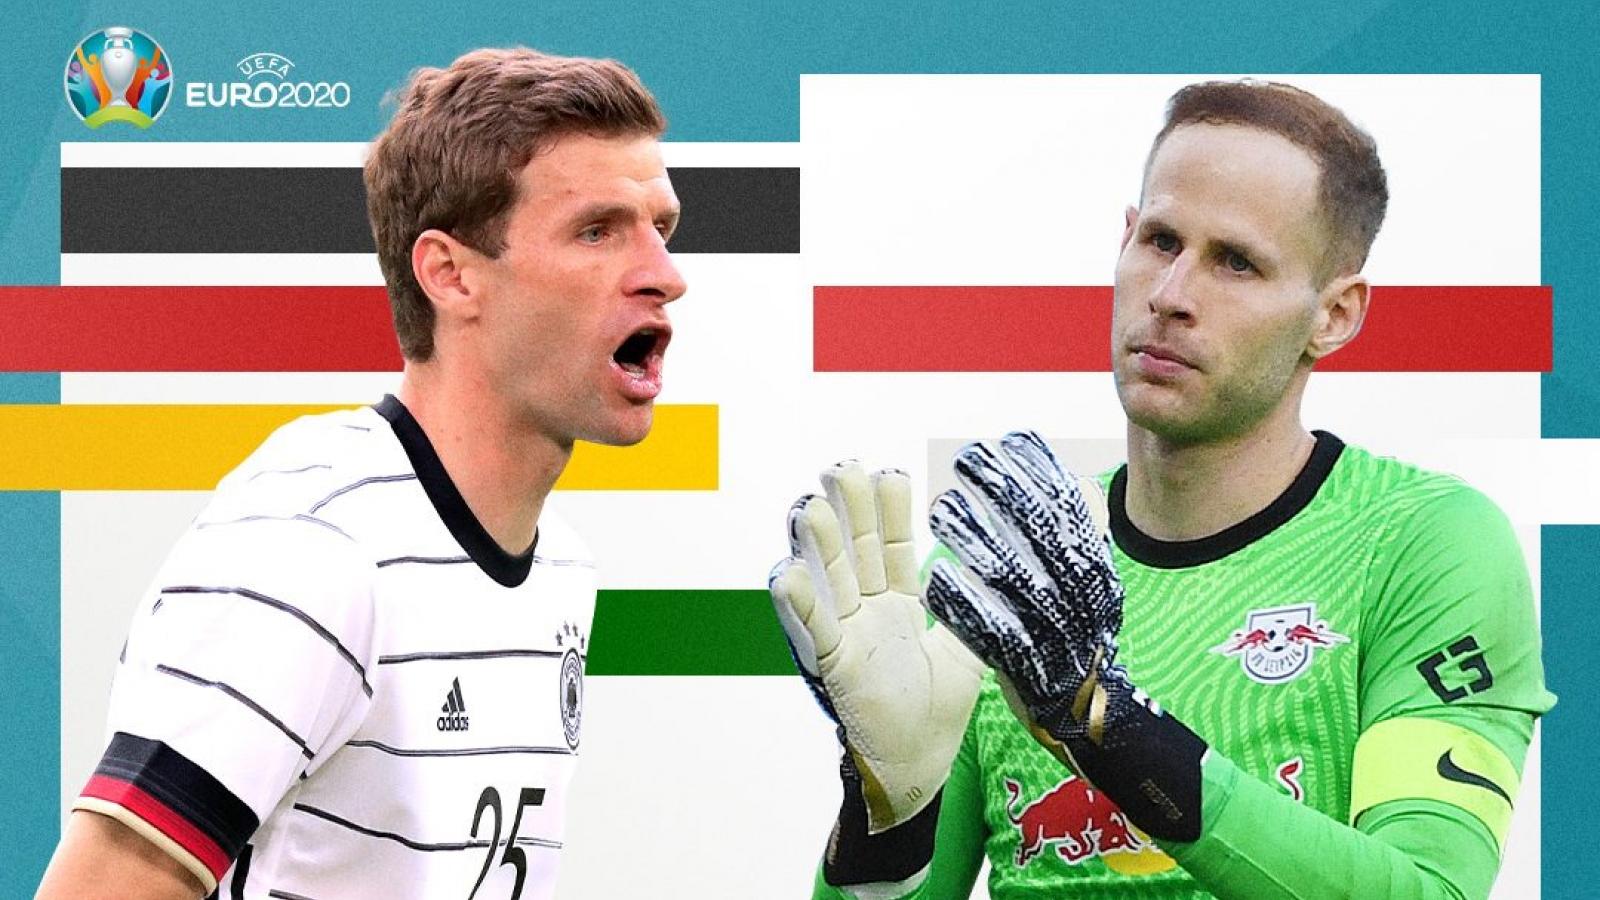 TRỰC TIẾP Đức - Hungary: Kai Havertz đá chính, Timo Werner dự bị